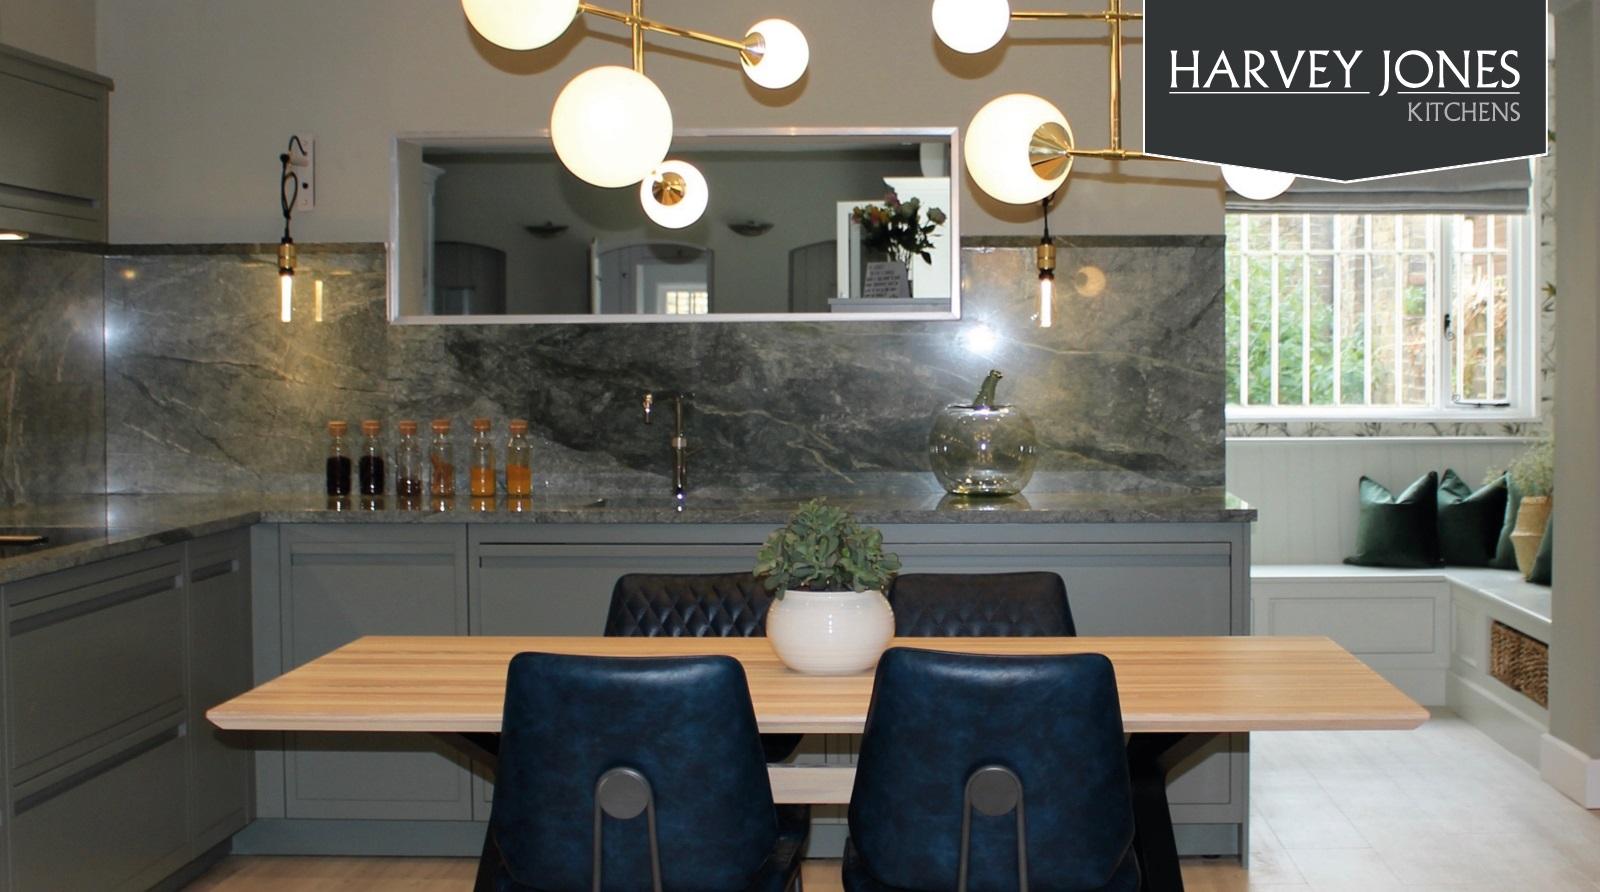 Harvey Jones Kitchens - Manchester, Lancashire M3 2EN - 01695 712703 | ShowMeLocal.com